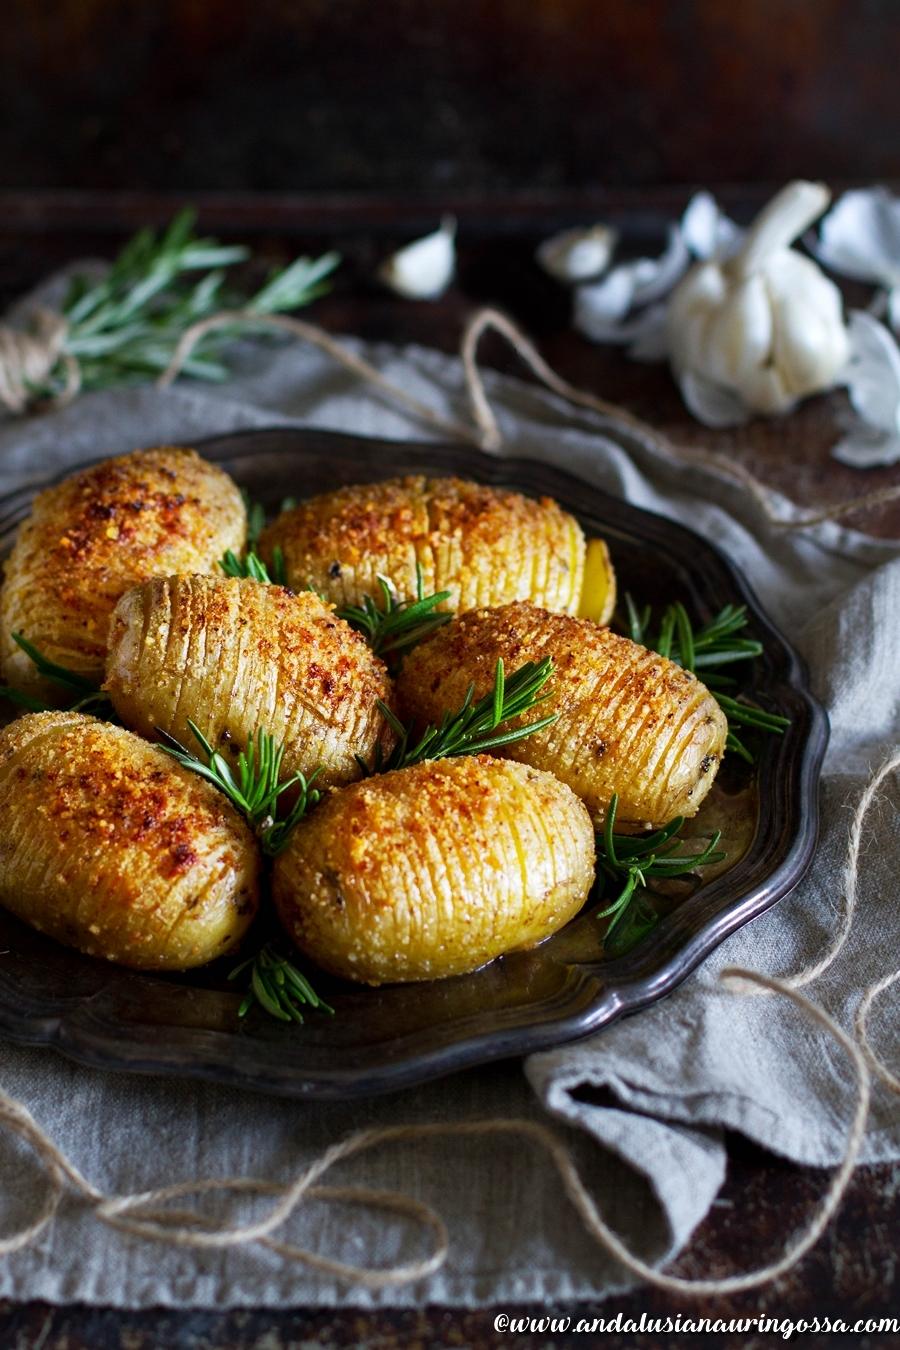 Andalusian auringossa_perunareseptejä ympäri maailman_hasselbackan perunat_gluteeniton_vegaani_kosher